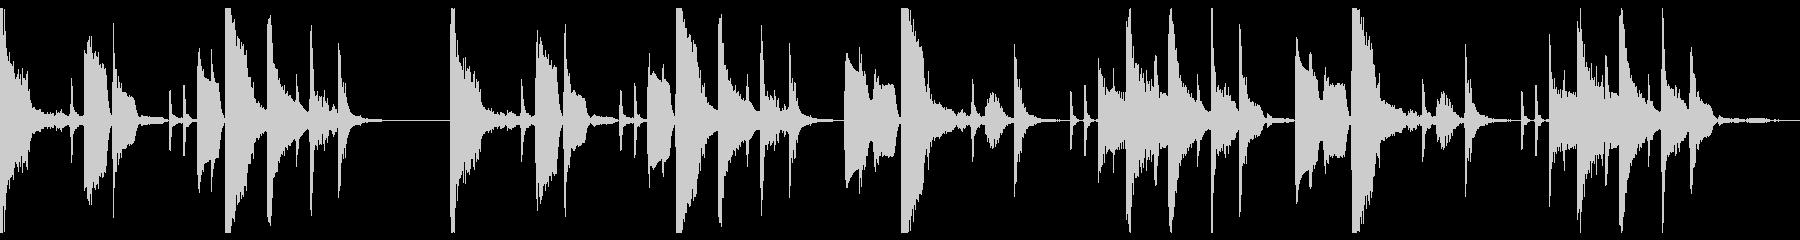 ミニマルITライフ_仮想空間_ループ仕様の未再生の波形